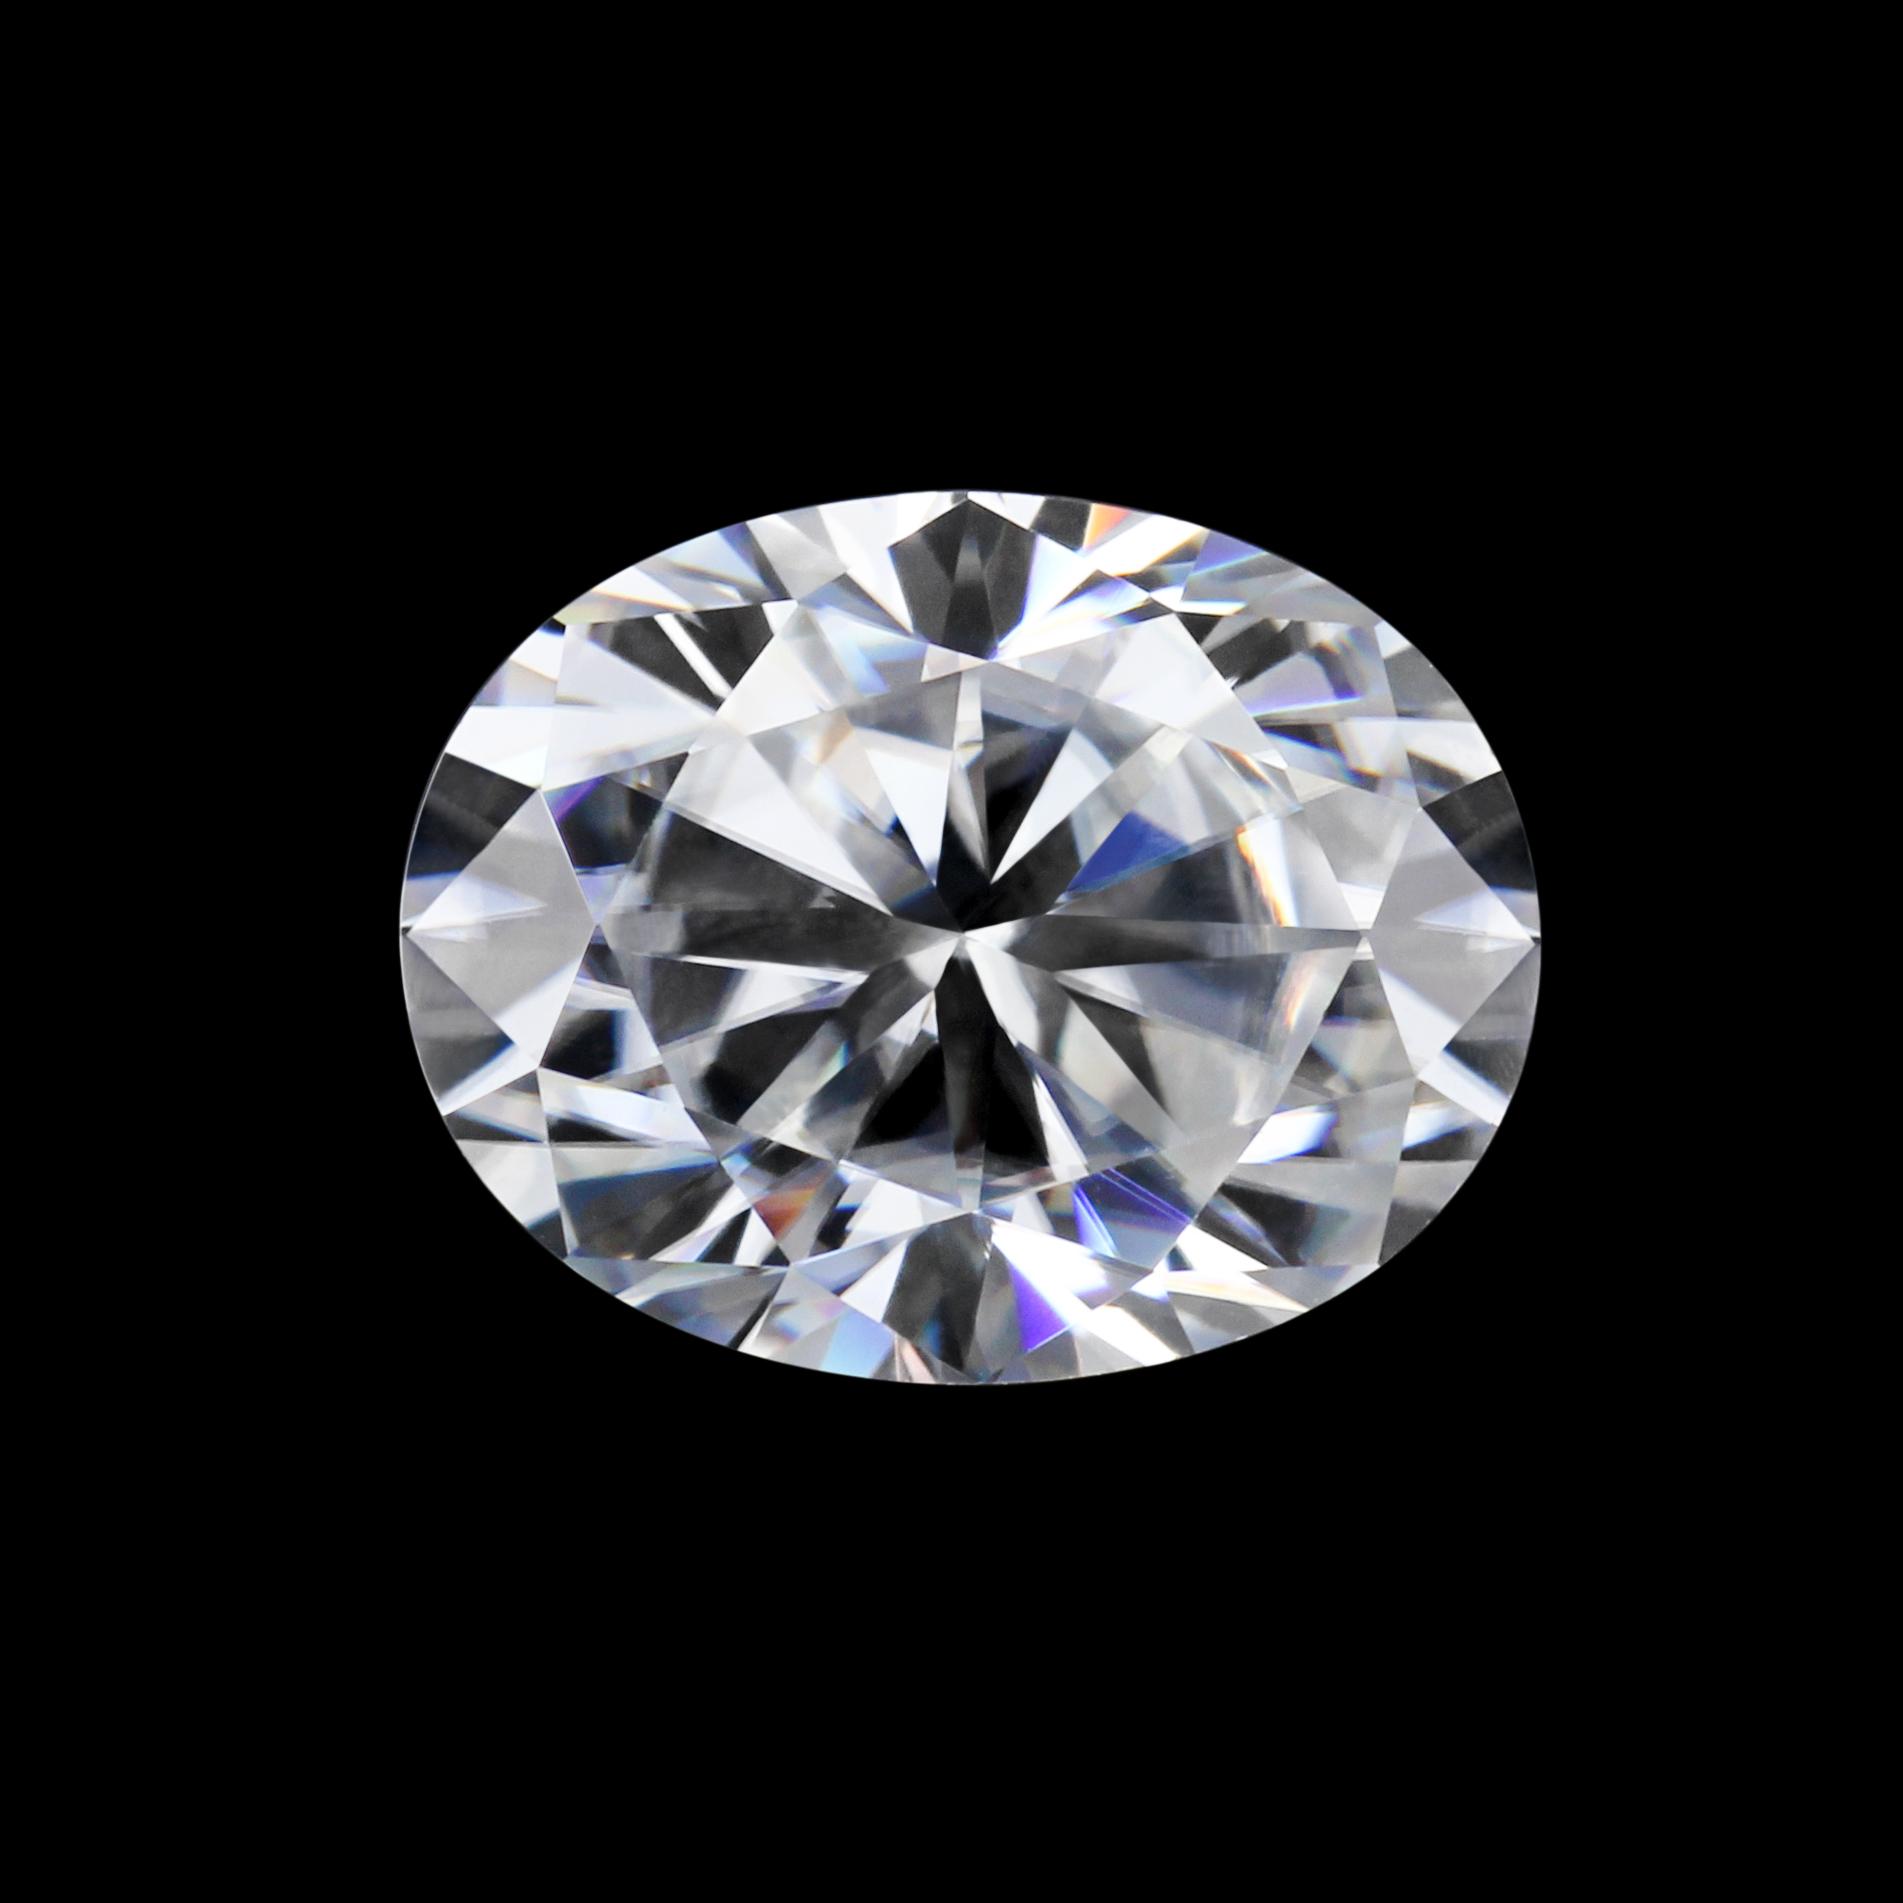 Starsgem оптовая торговля EF VVS синтетический драгоценный камень овальной огранки Свободный Муассанит